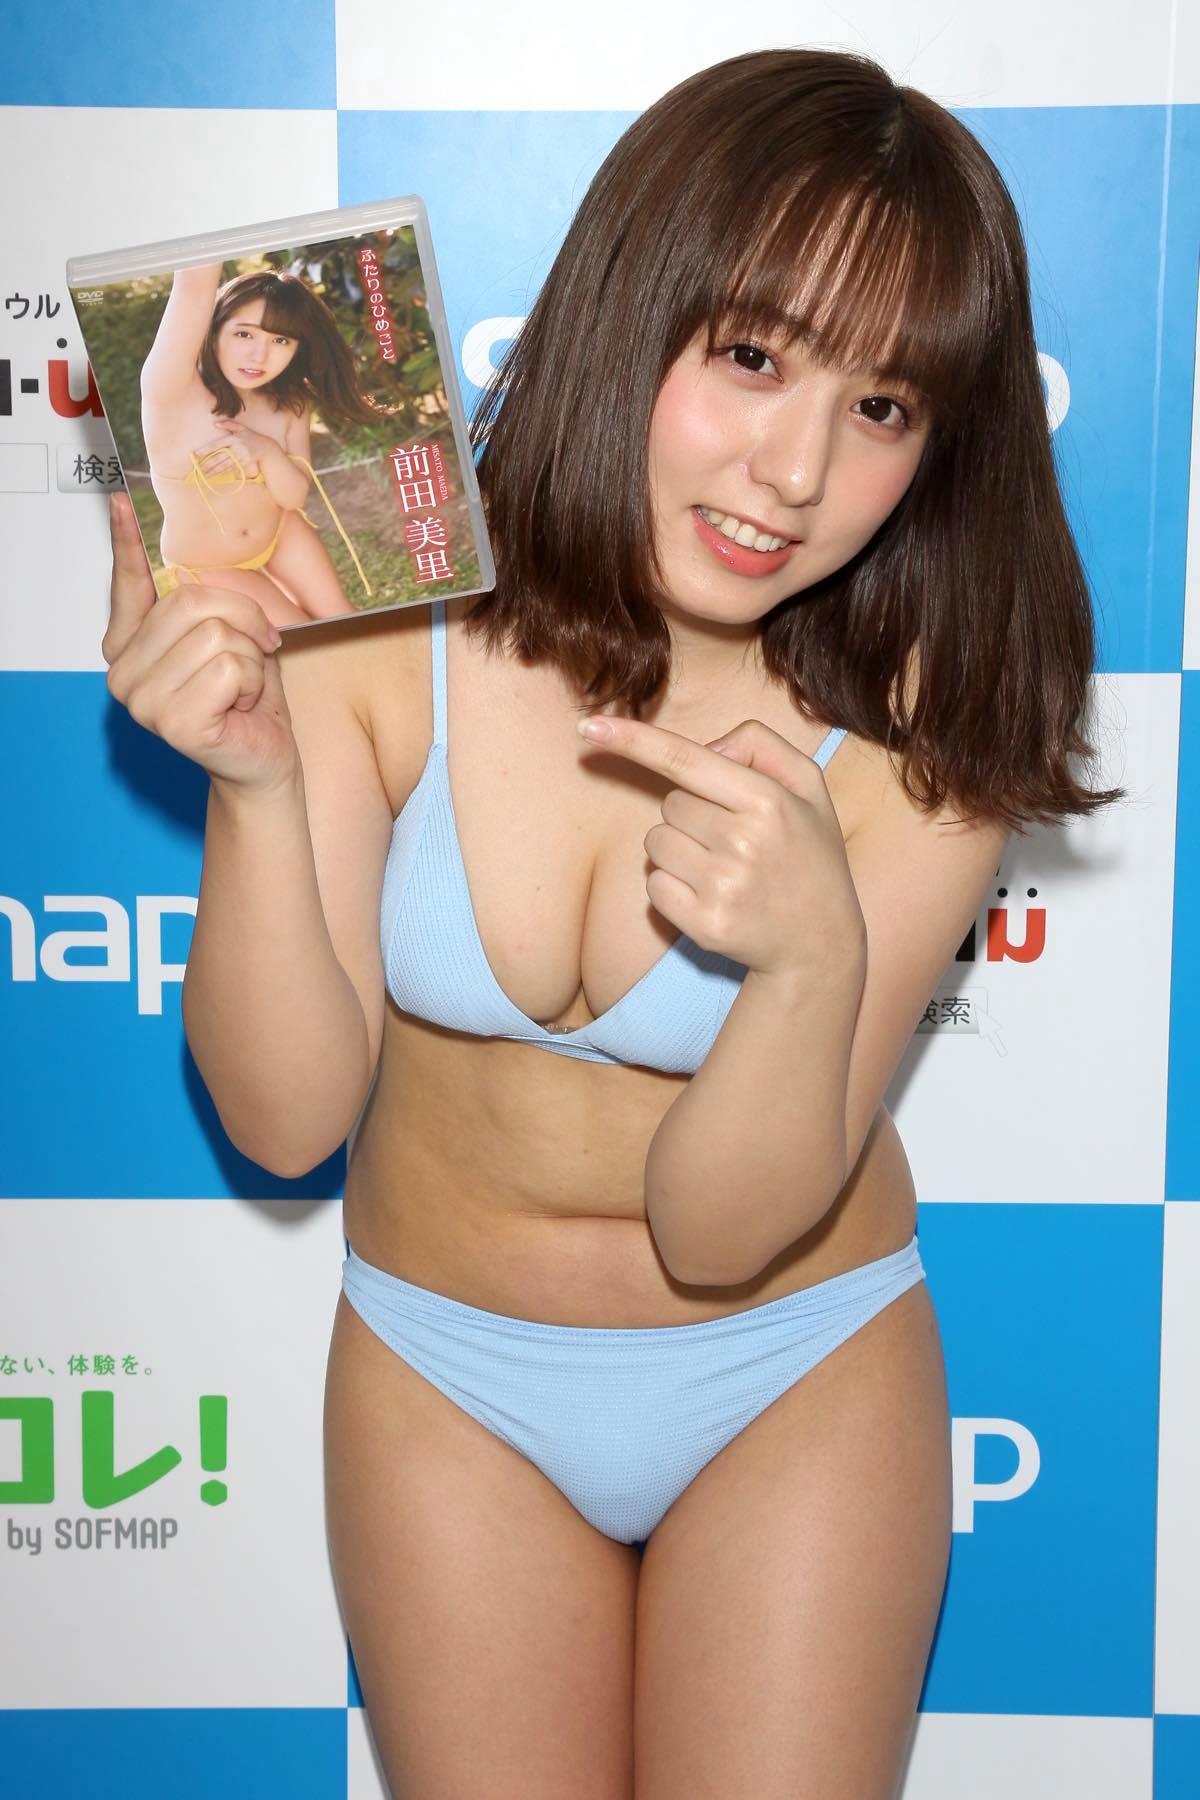 前田美里「胸元ガッツリ開いた競泳水着」に挑戦して、緊張!【写真44枚】の画像042